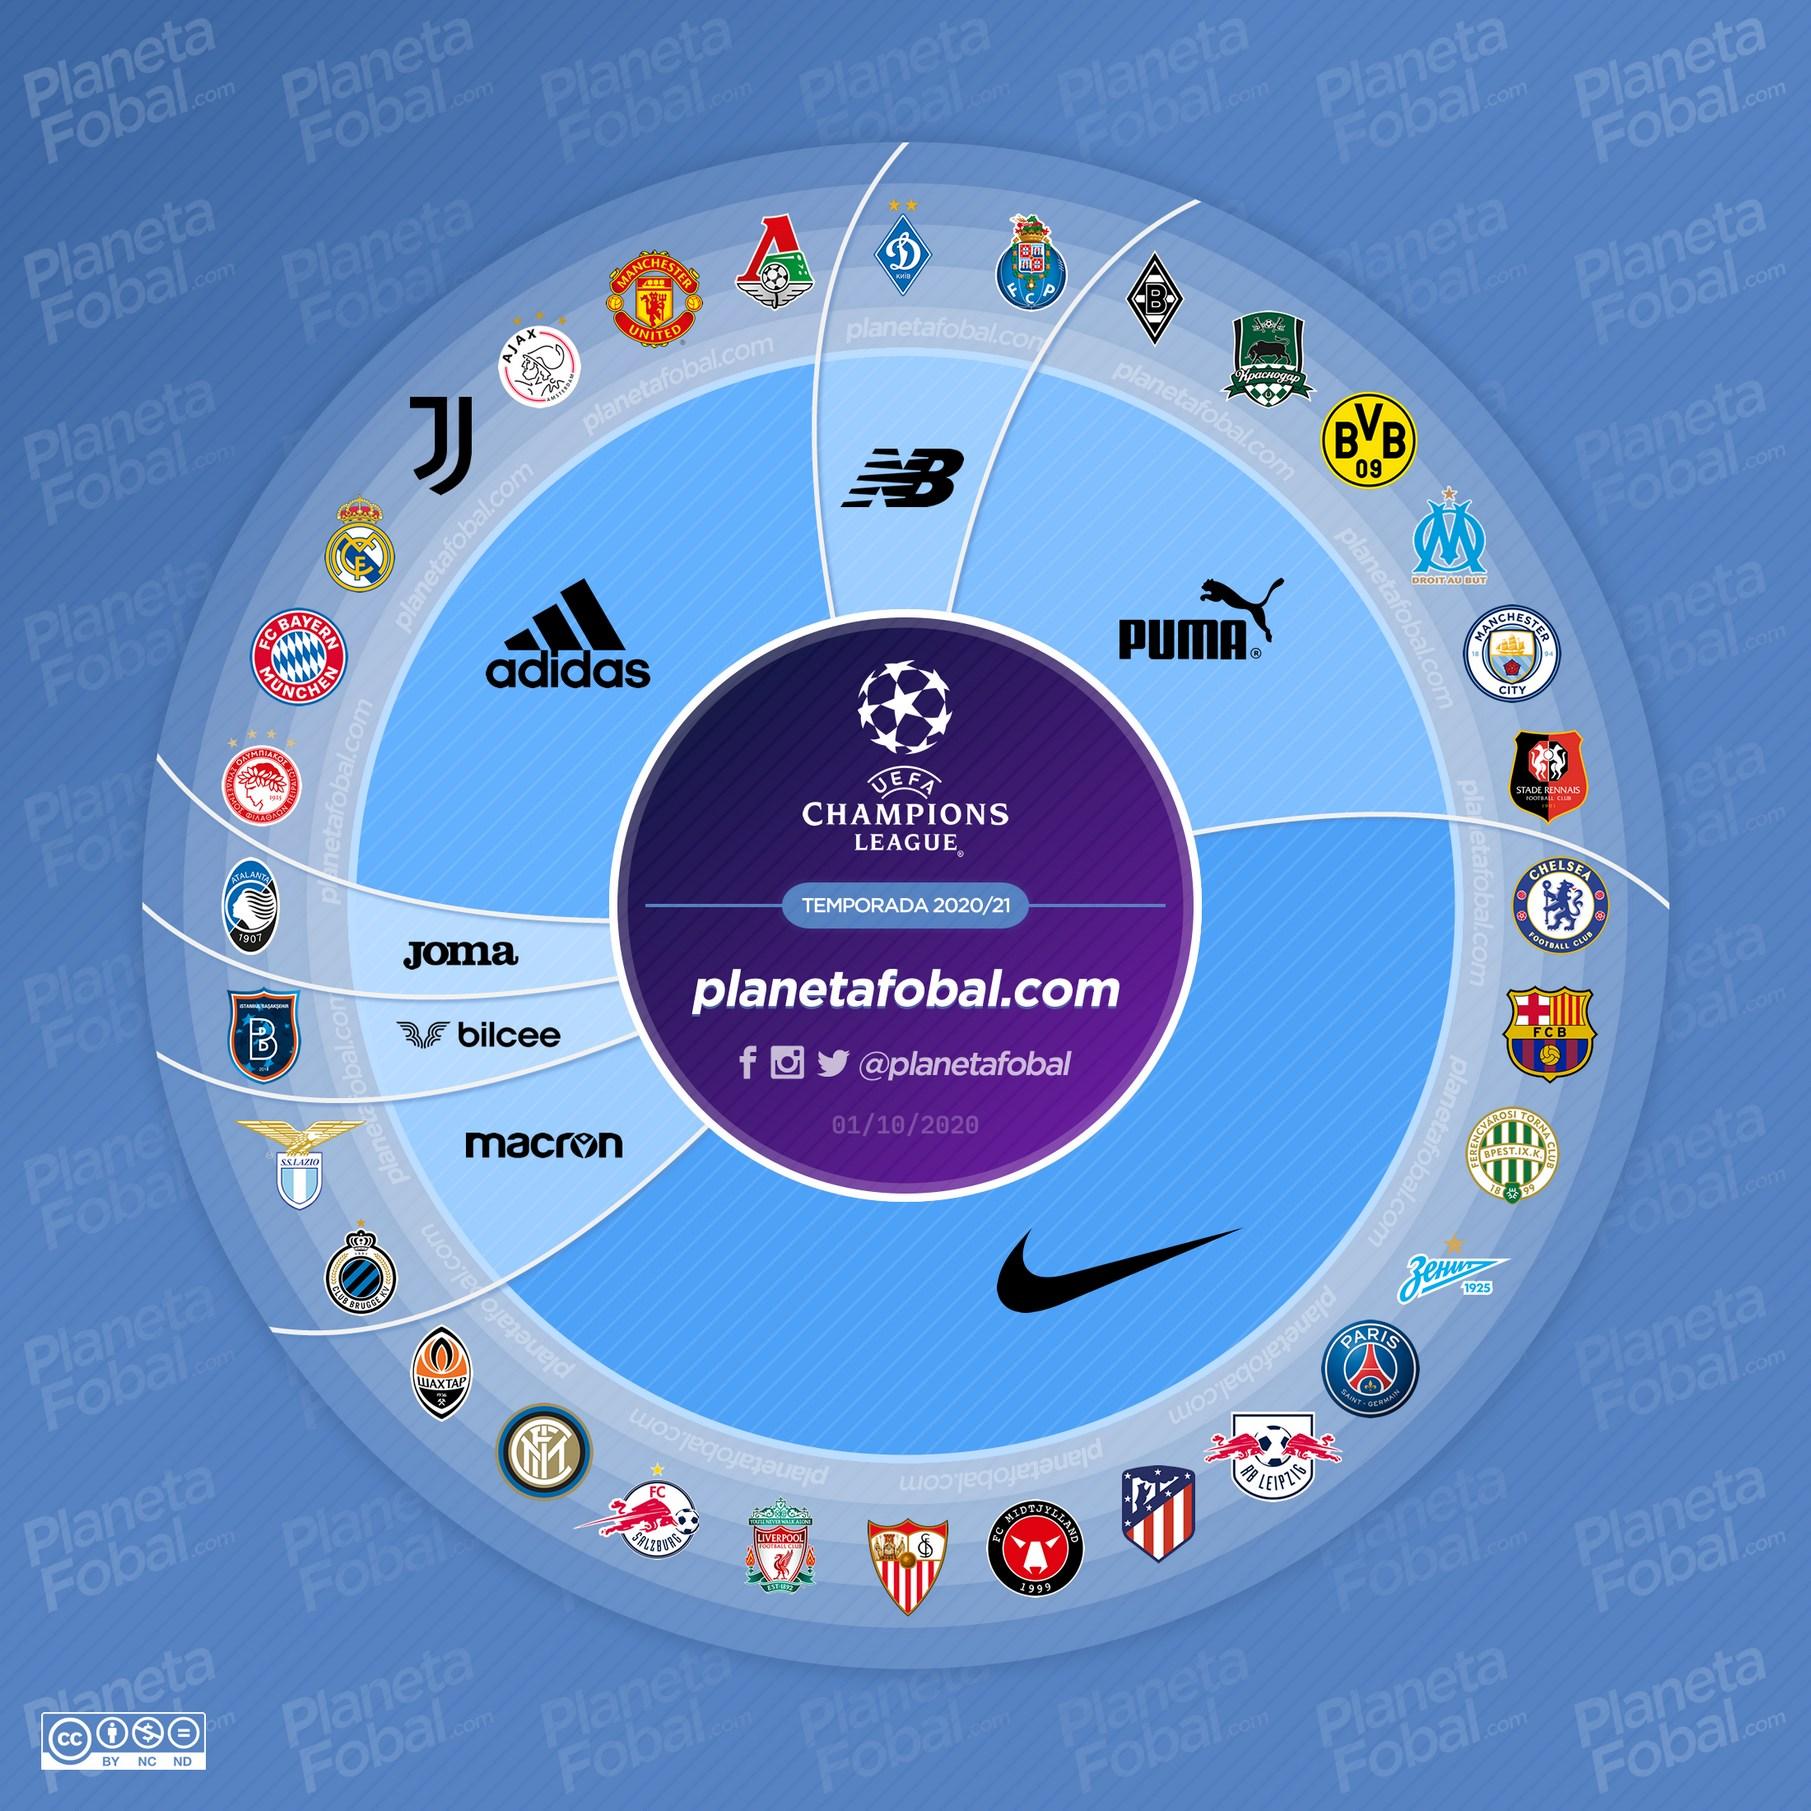 Marcas deportivas de la UEFA Champions League 2020/2021